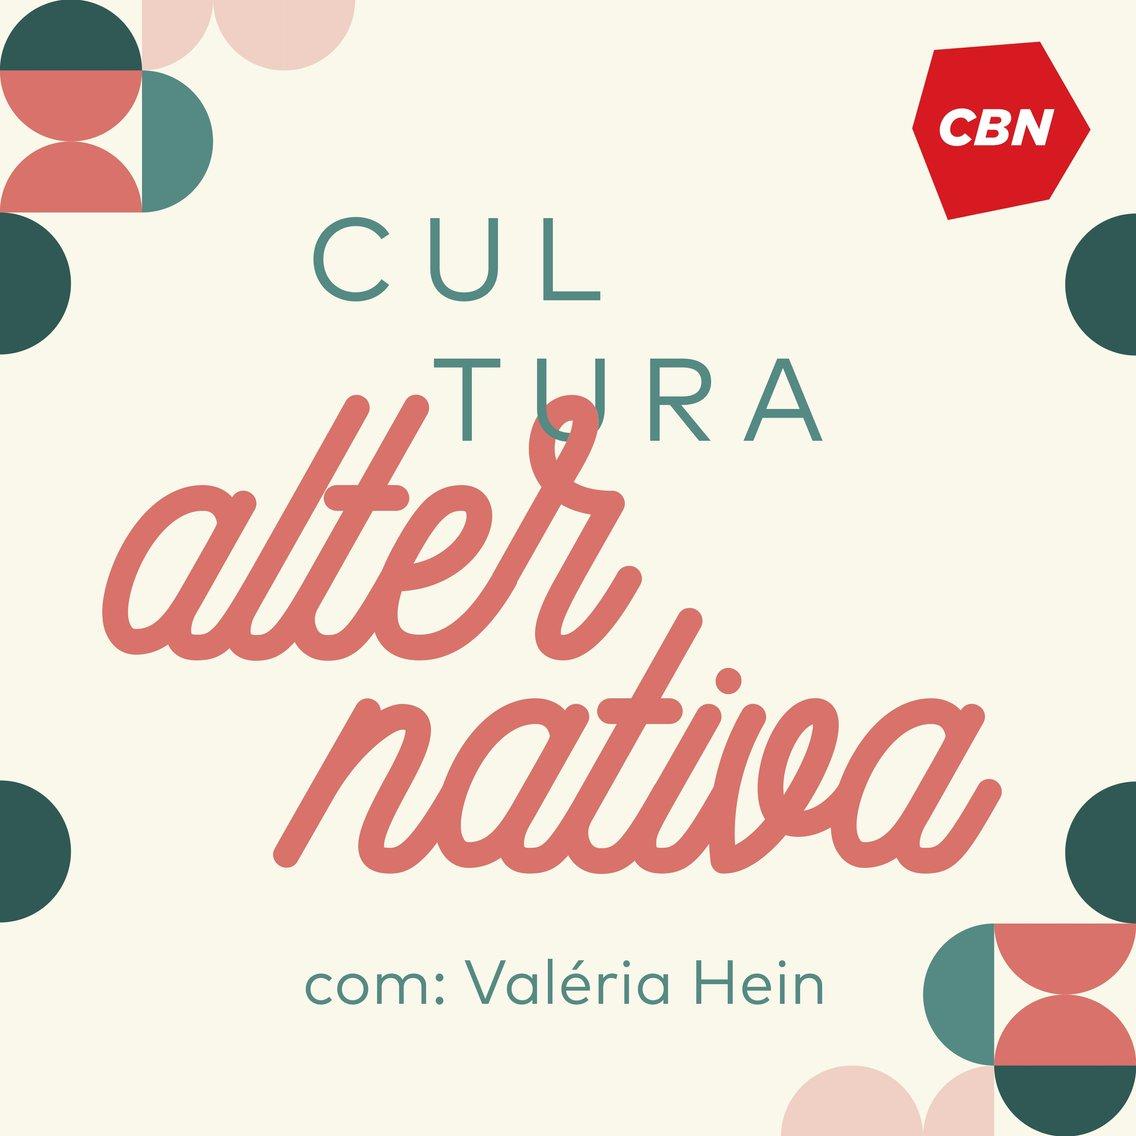 Cultura Alternativa - Cover Image